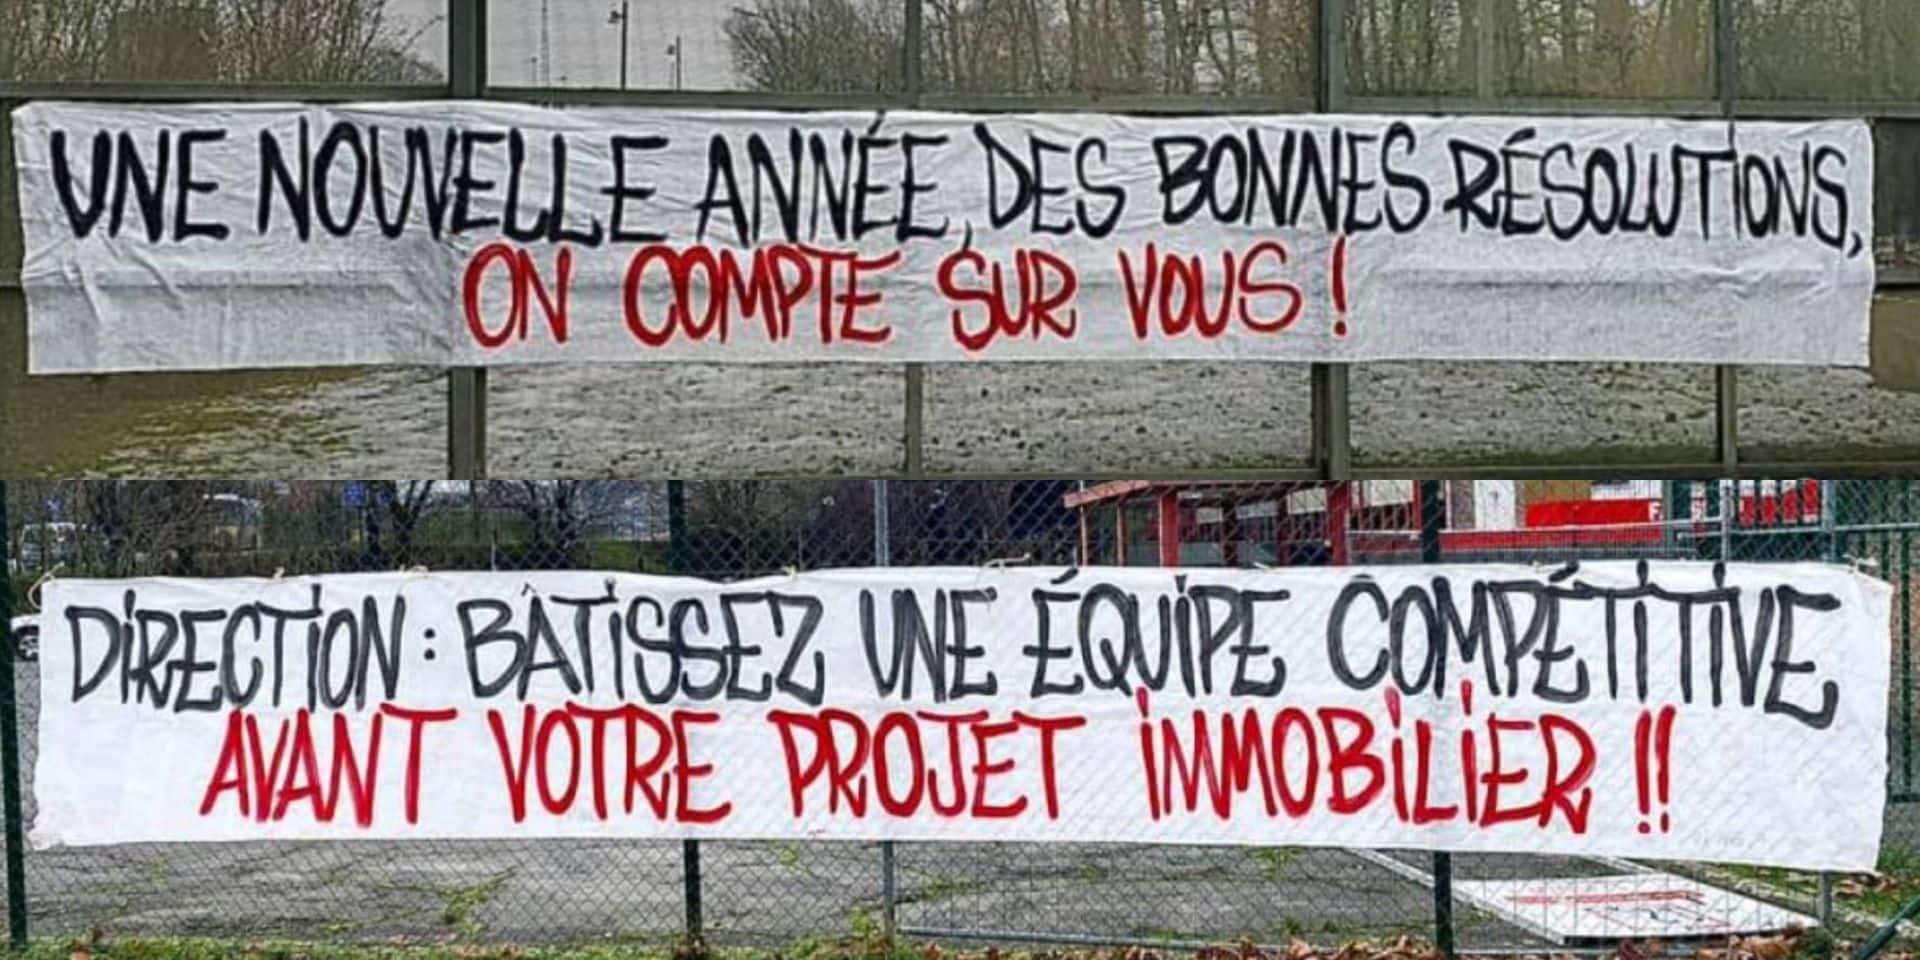 """""""Bâtissez une équipe compétitive"""": les supporters liégeois mettent la pression sur les dirigeants avant le premier match de Leye contre Waasland"""